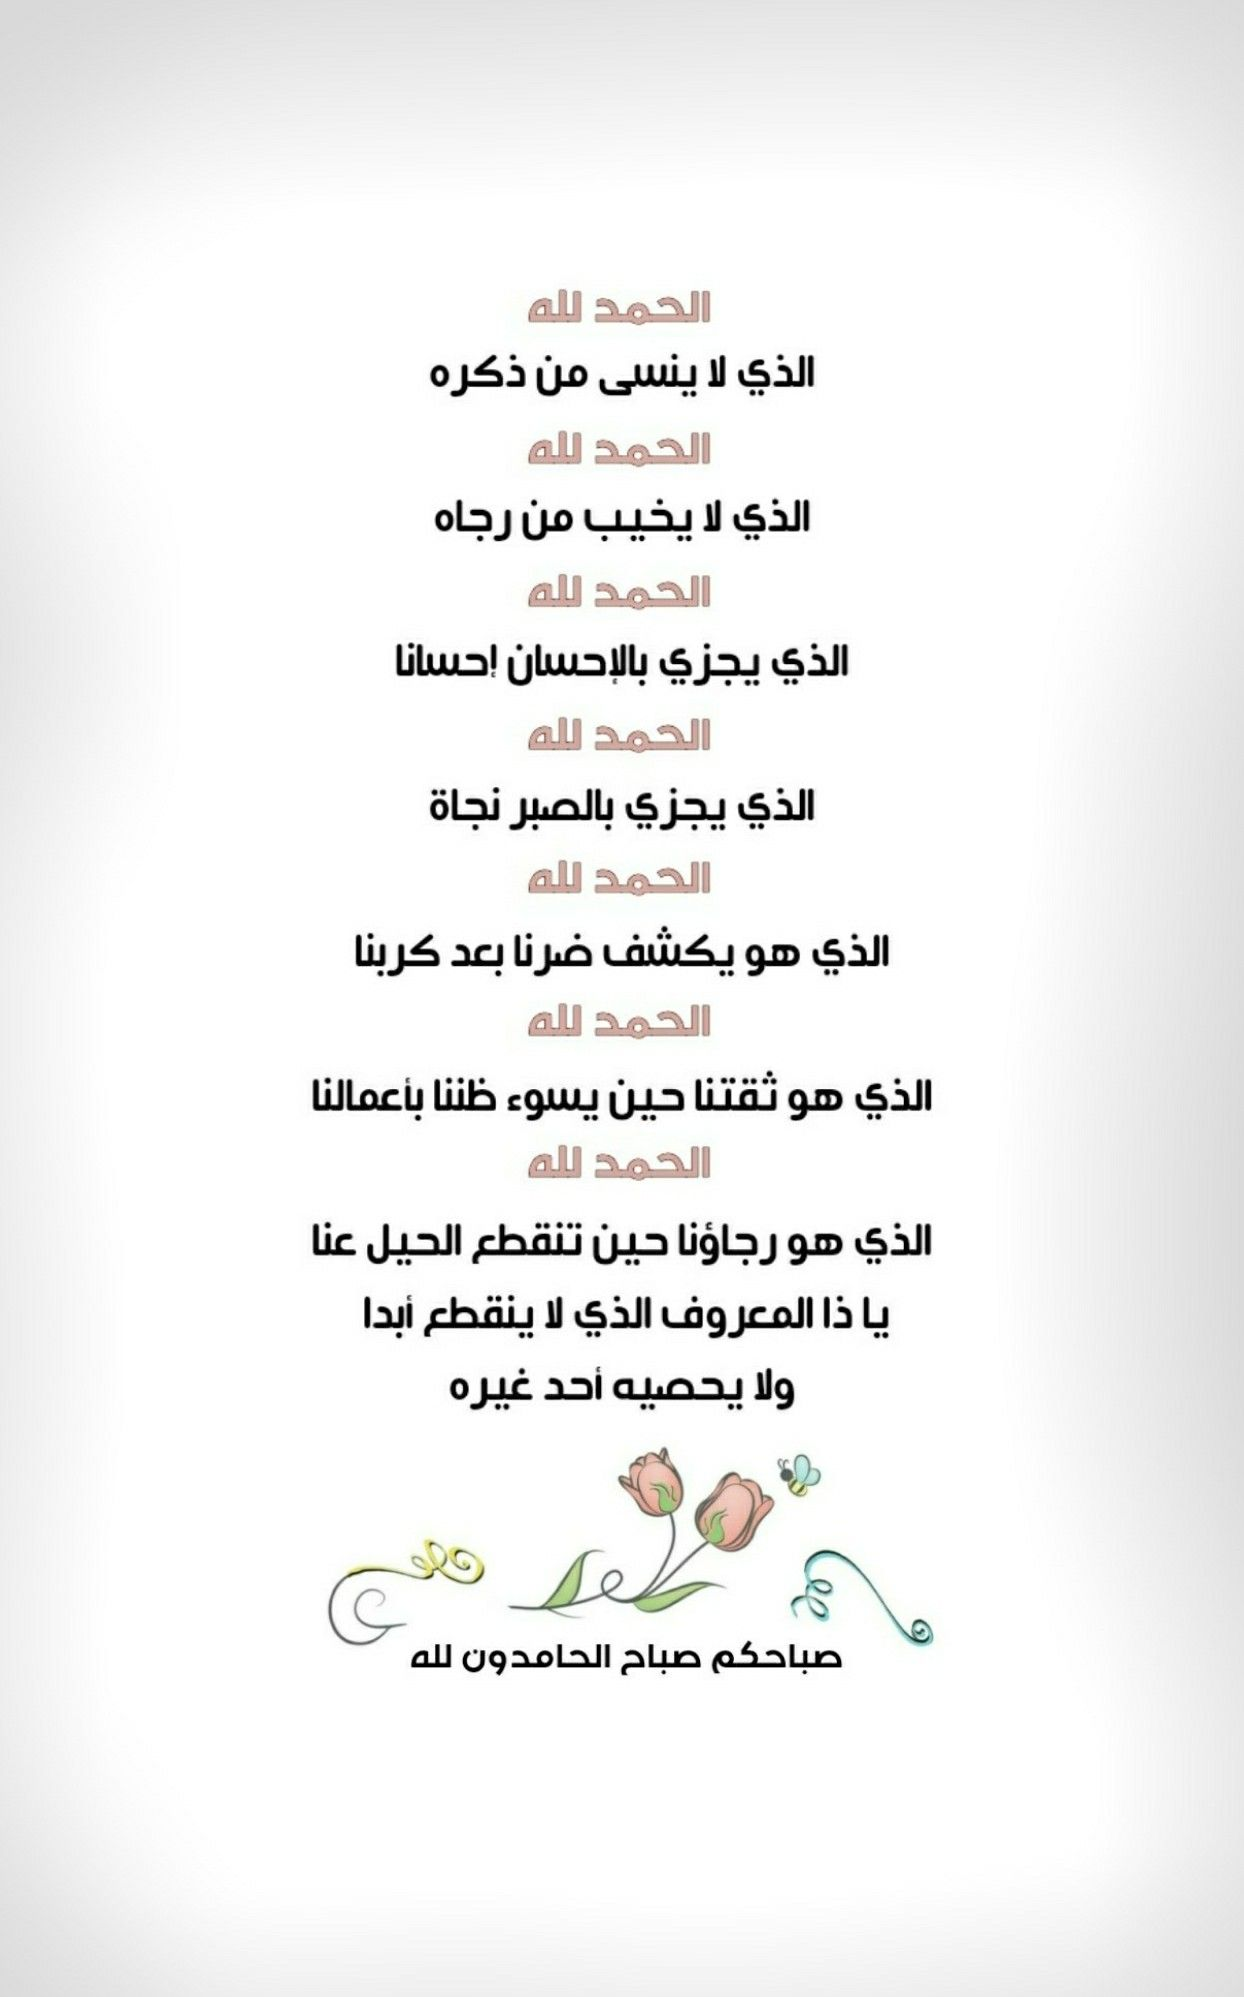 الحمد لله الذي لا ينسى من ذكره الحمد لله الذي لا يخيب من رجاه الحمد لله الذي يجزي بالإحسان إحسانا ال Good Morning Arabic Good Morning Greetings Islamic Phrases